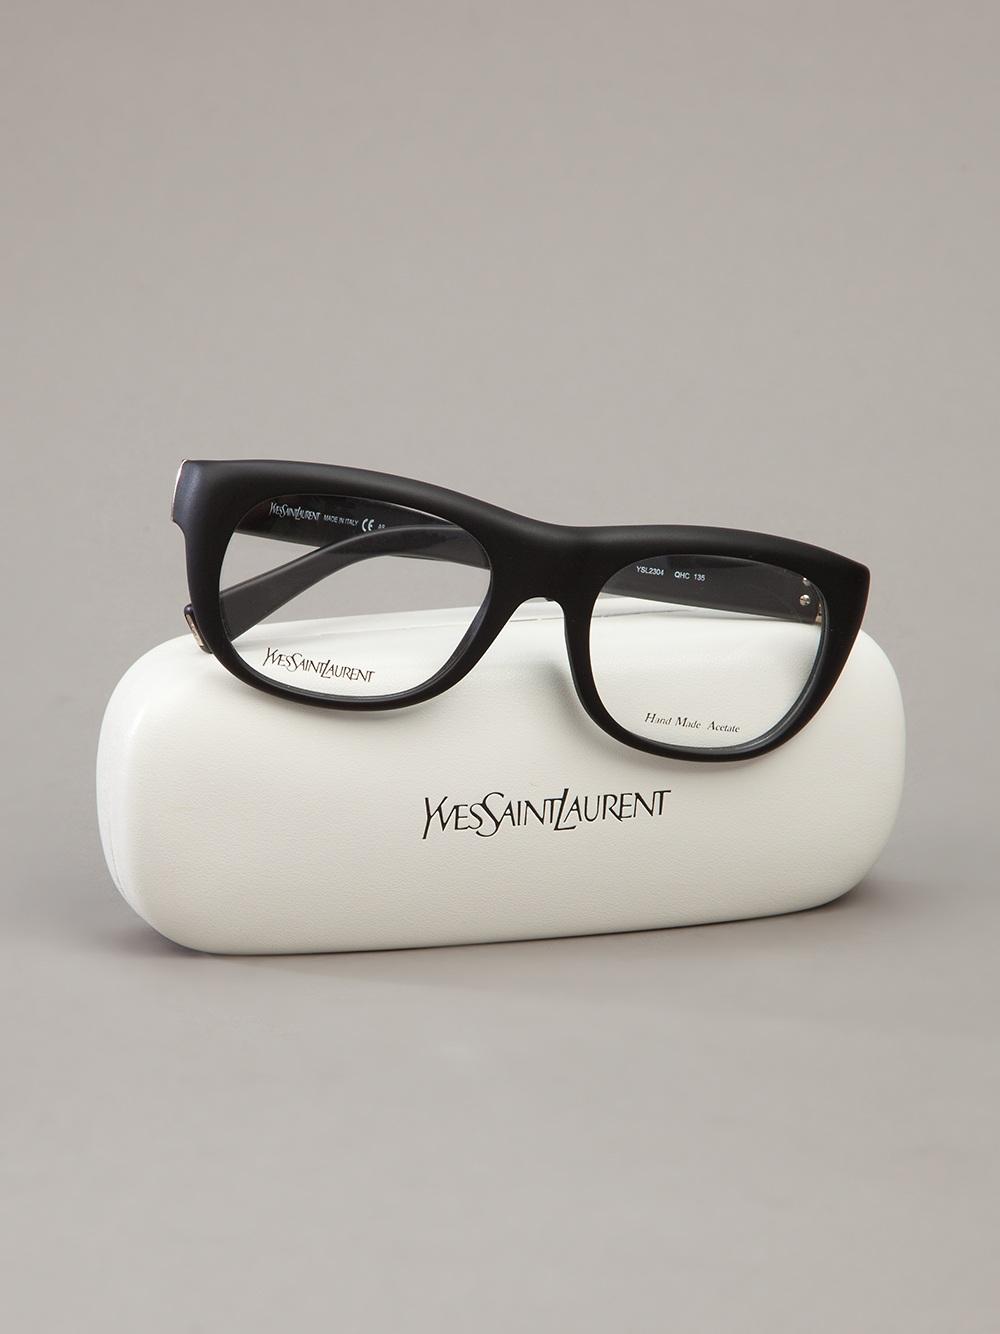 bab1e6cf39 Lyst - Saint Laurent Thick Frame Glasses in Black for Men